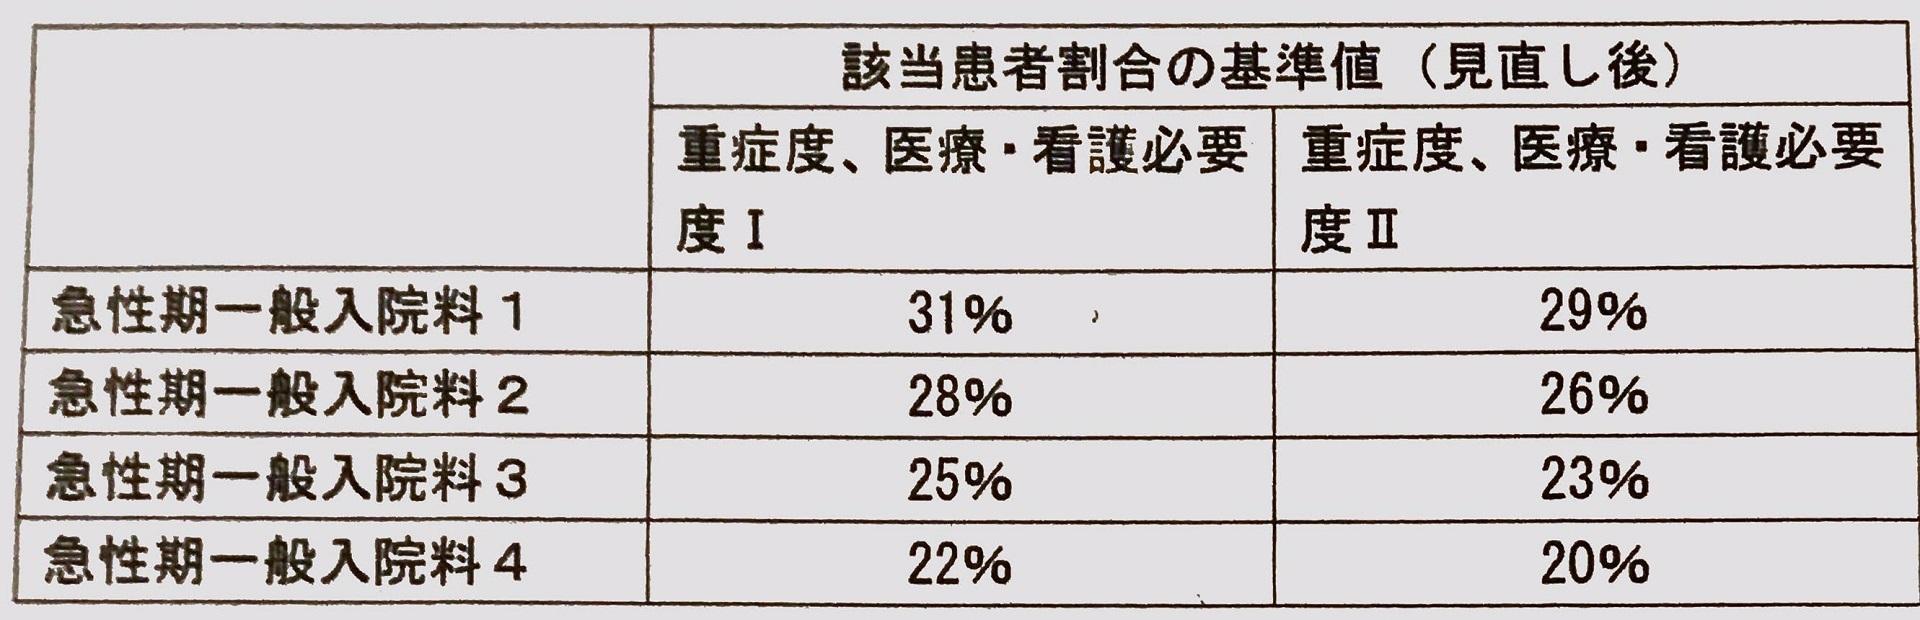 2020年度診療報酬改定短冊のトピックと医師需給分科会、日医病院委員会_b0115629_21072370.jpg